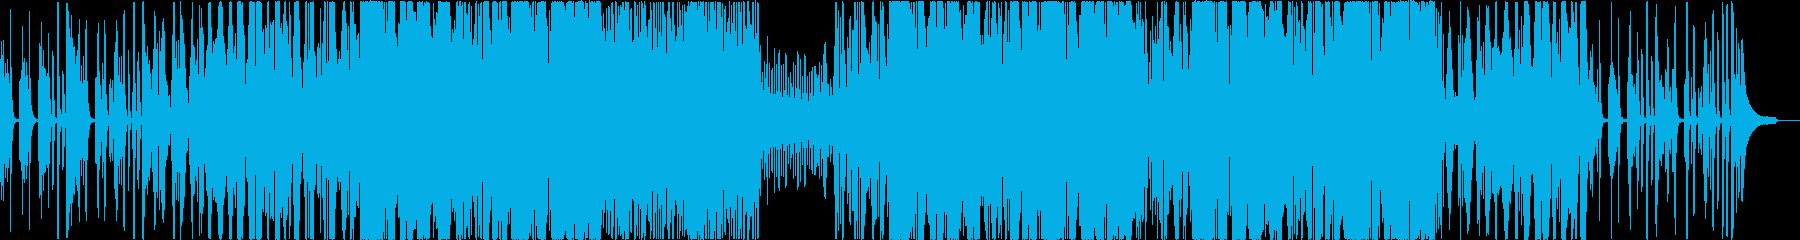 【リズム抜き】わくわくおしゃれなピアノ+の再生済みの波形